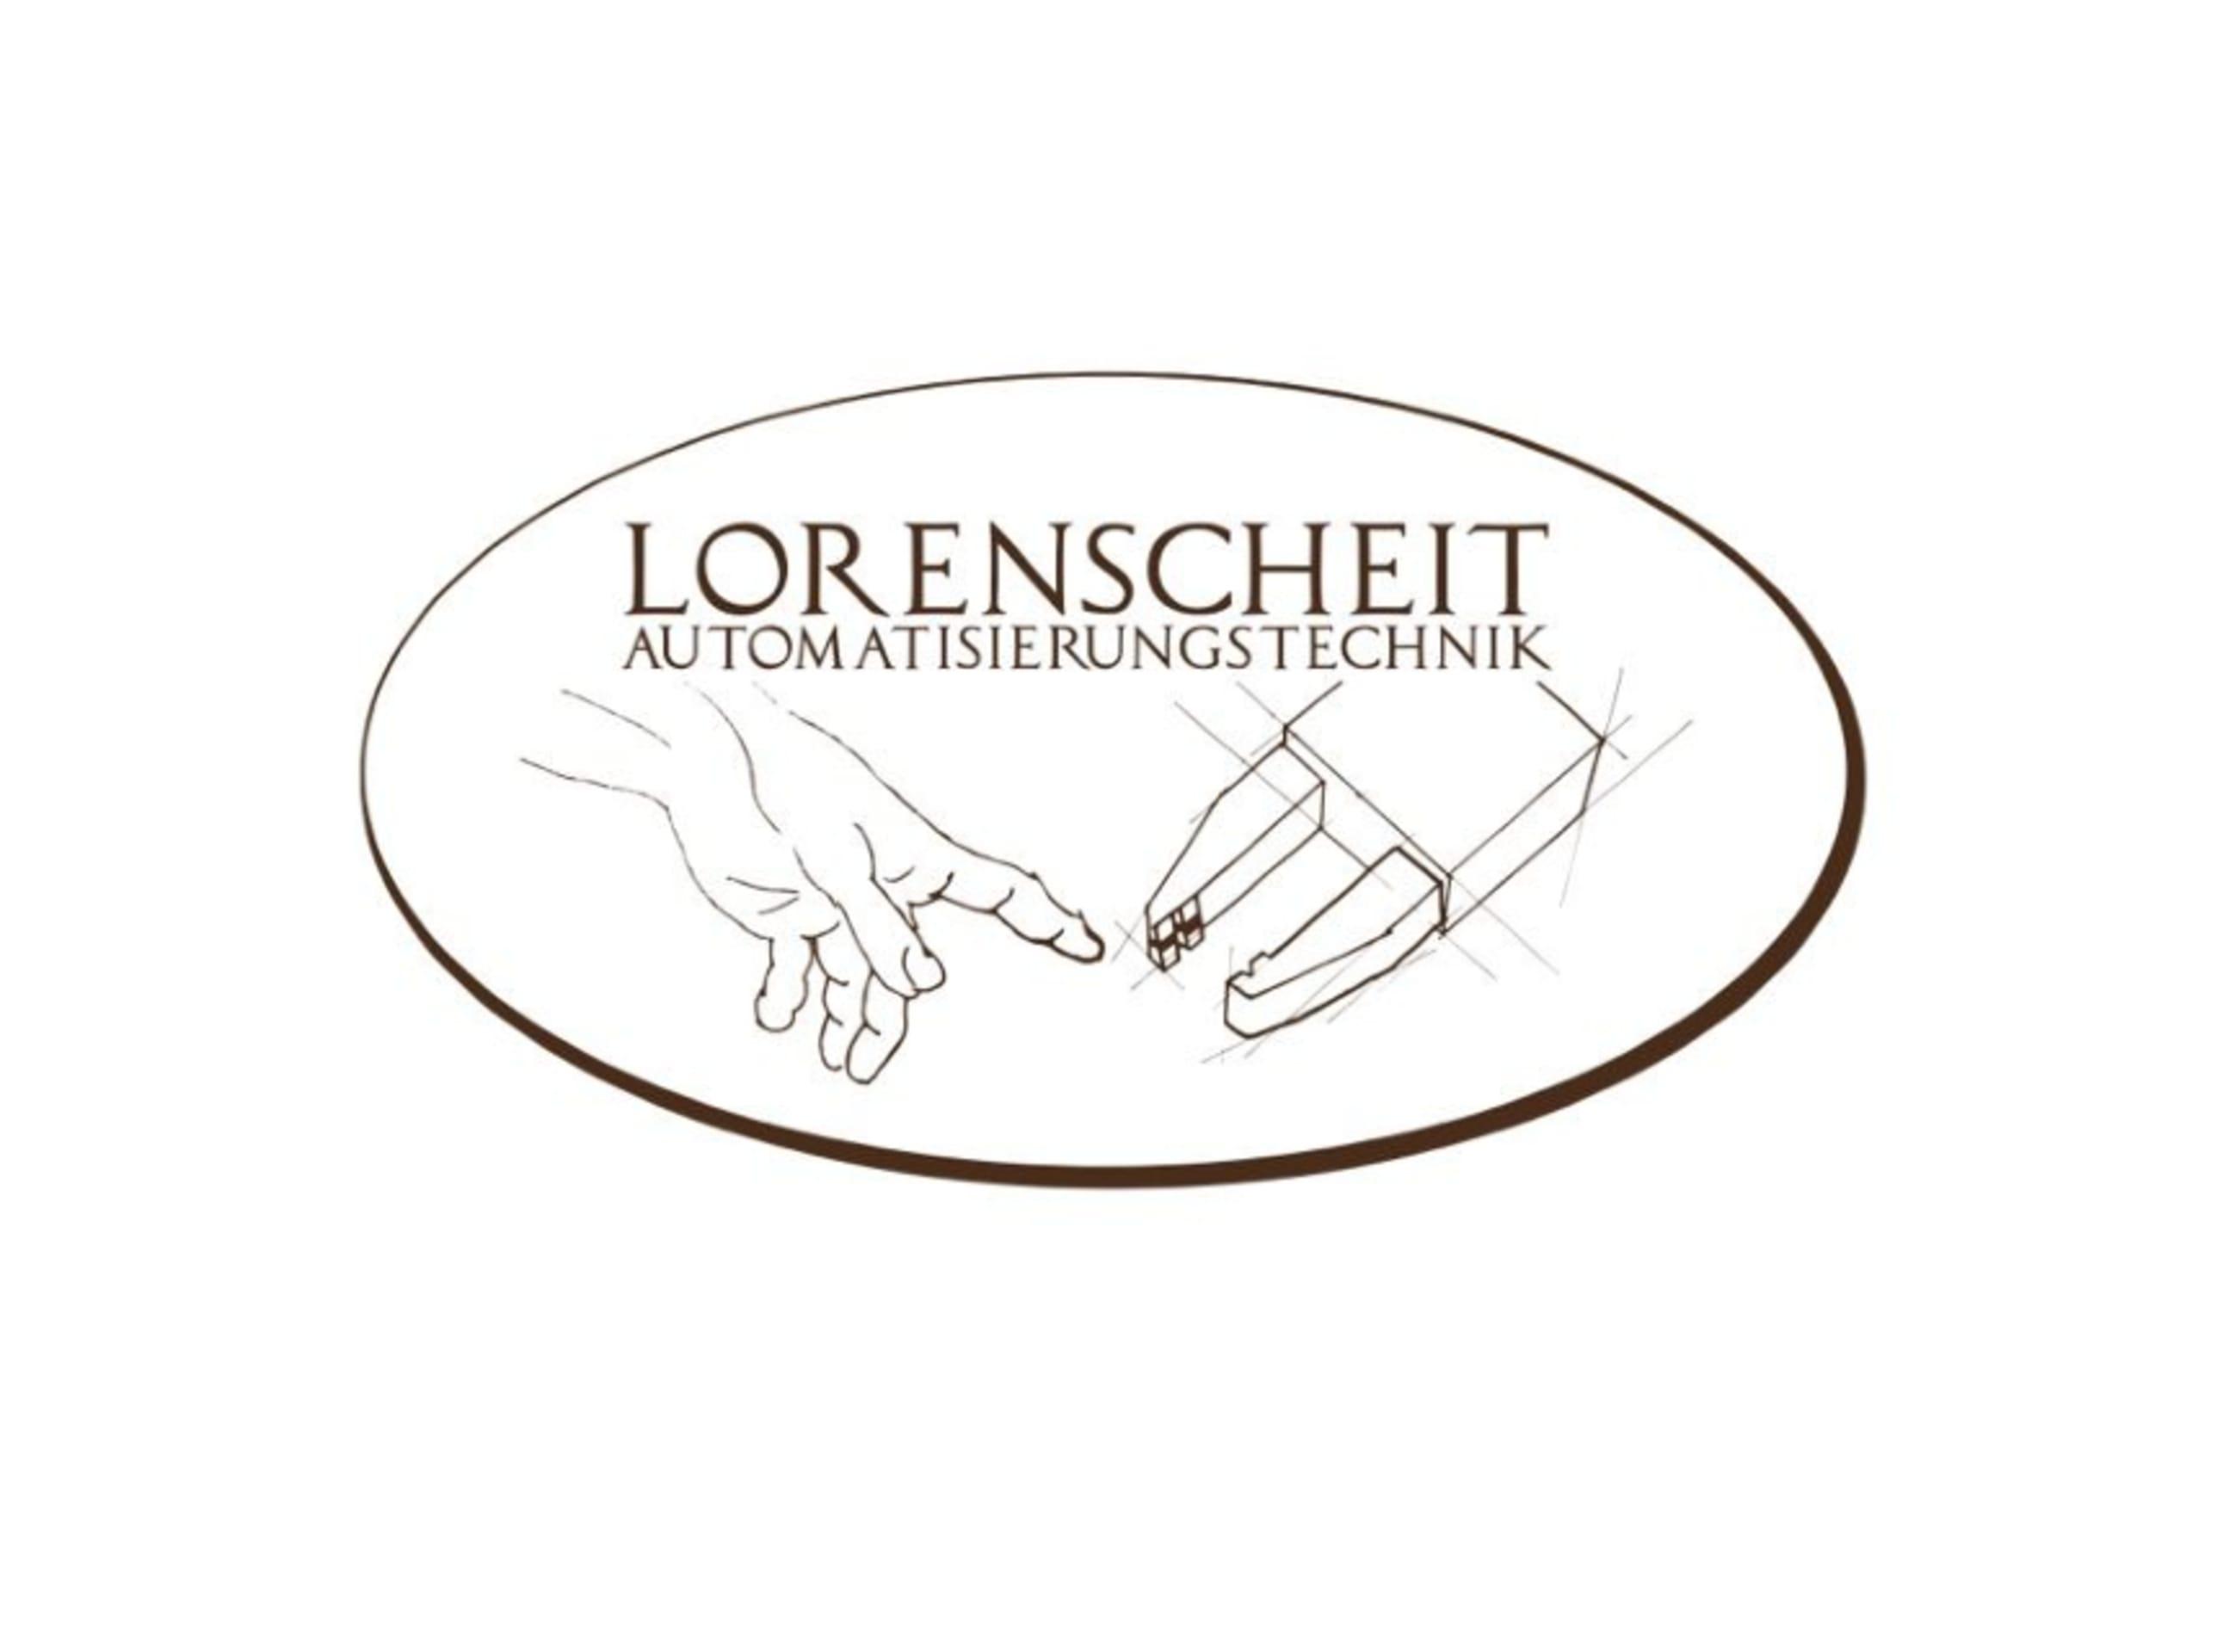 logo Lorenscheit Automatisierungs-Technik GmbH